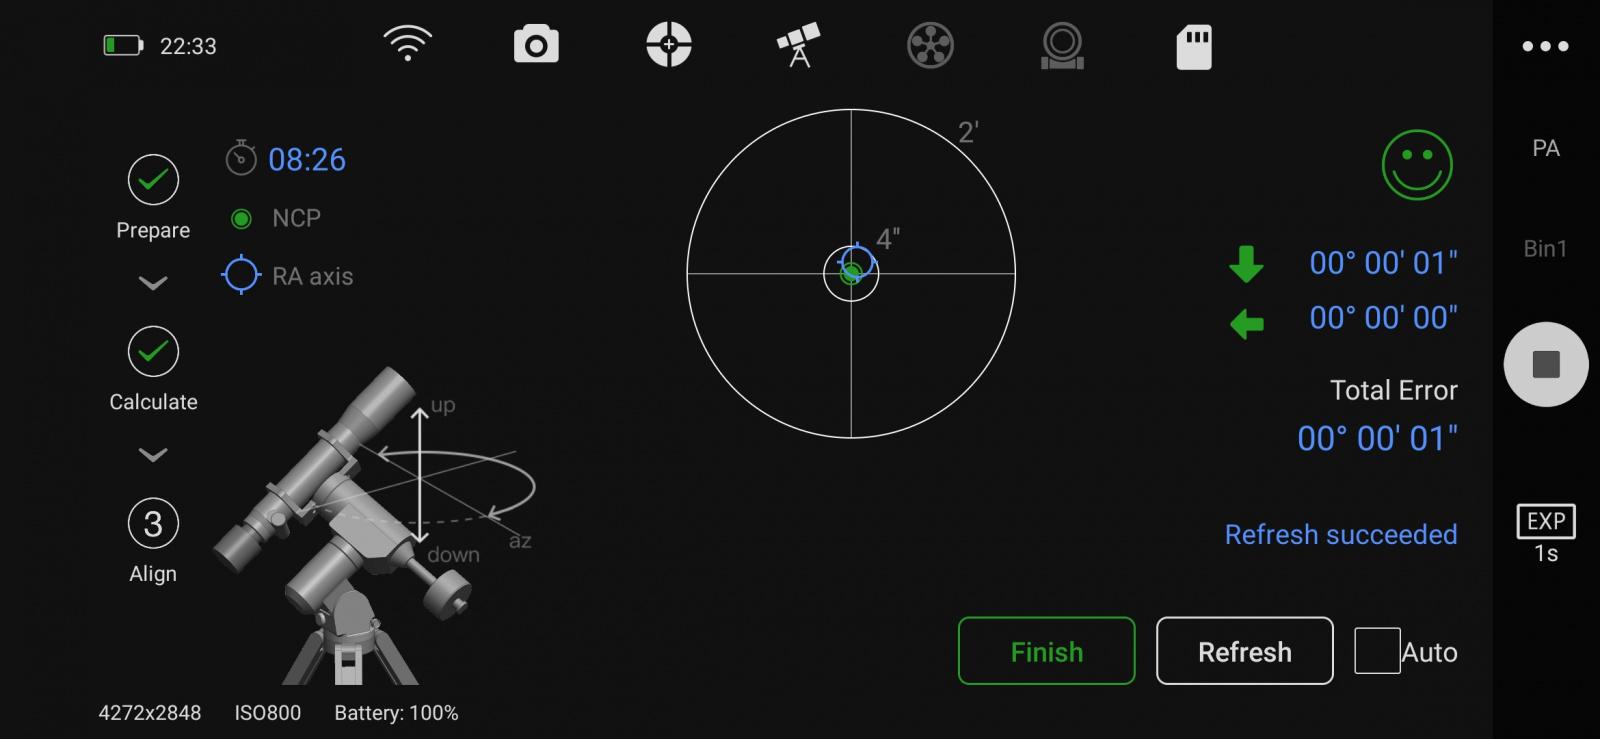 Screenshot_20210406_223341_com.zwoasi.asiair.thumb.jpg.f5f9c2243431bb6238fff43fd2fe1b3c.jpg